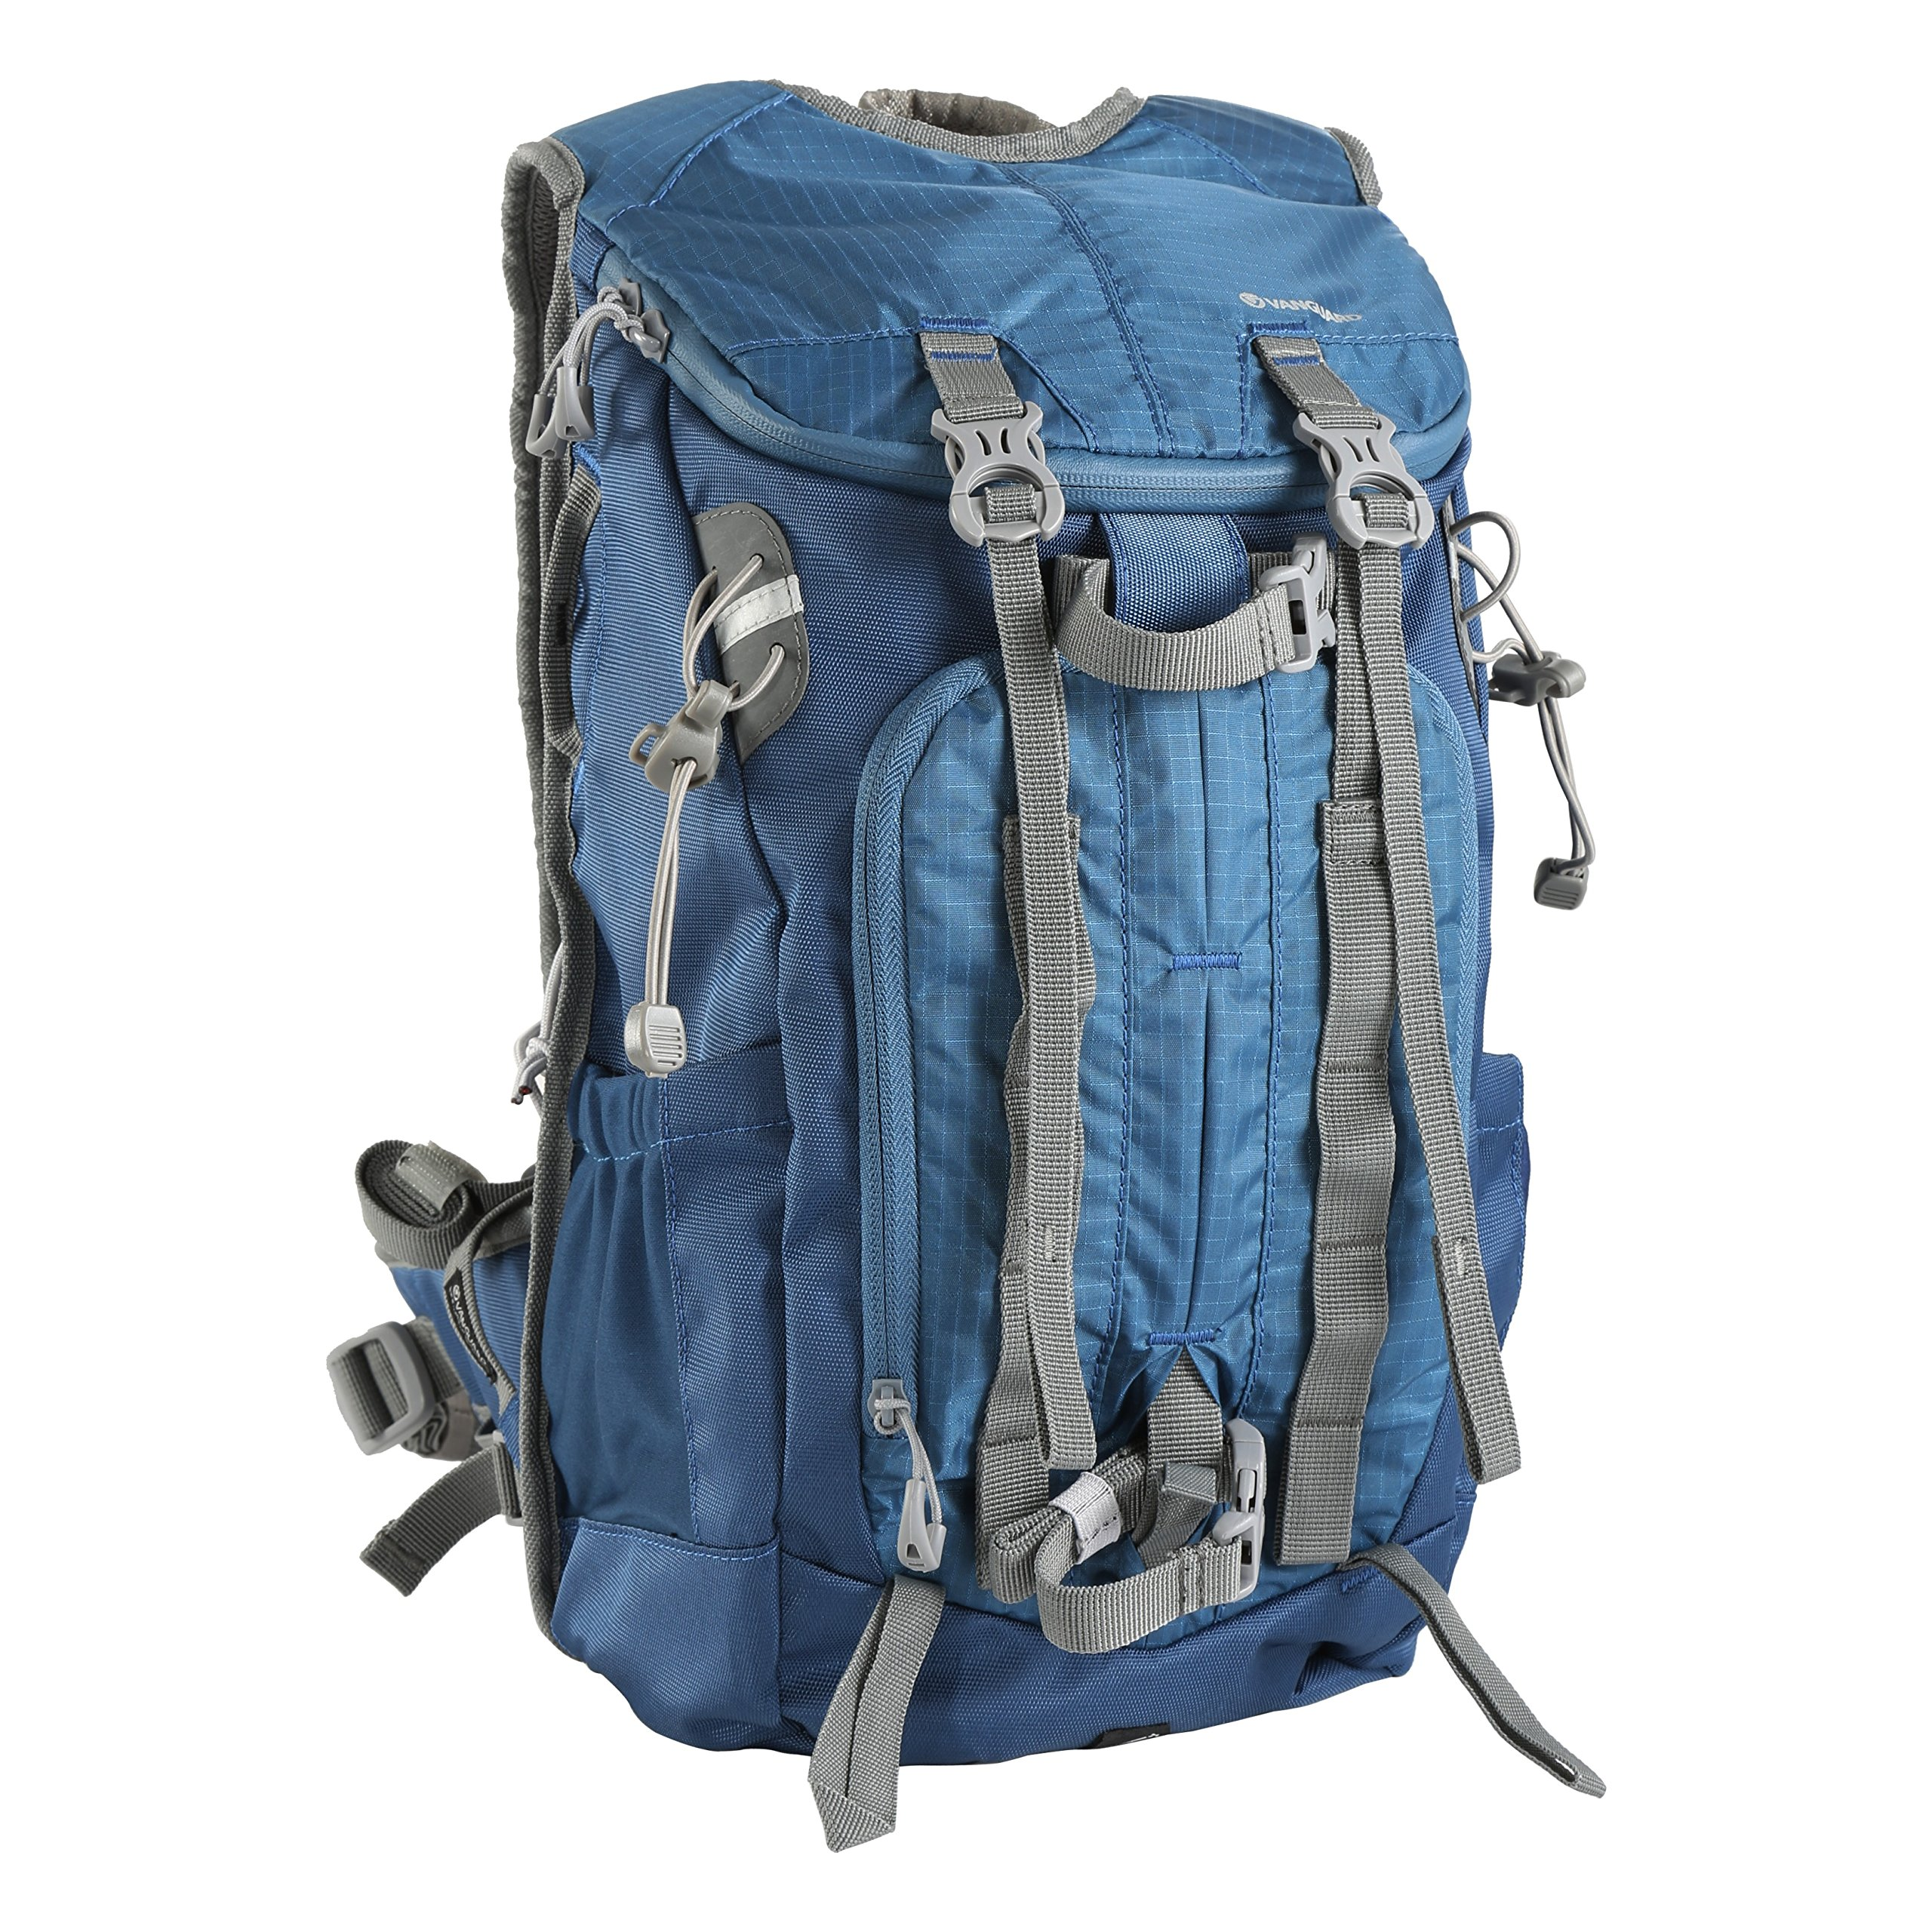 VANGUARD Sedona 41BL Backpack (Blue)